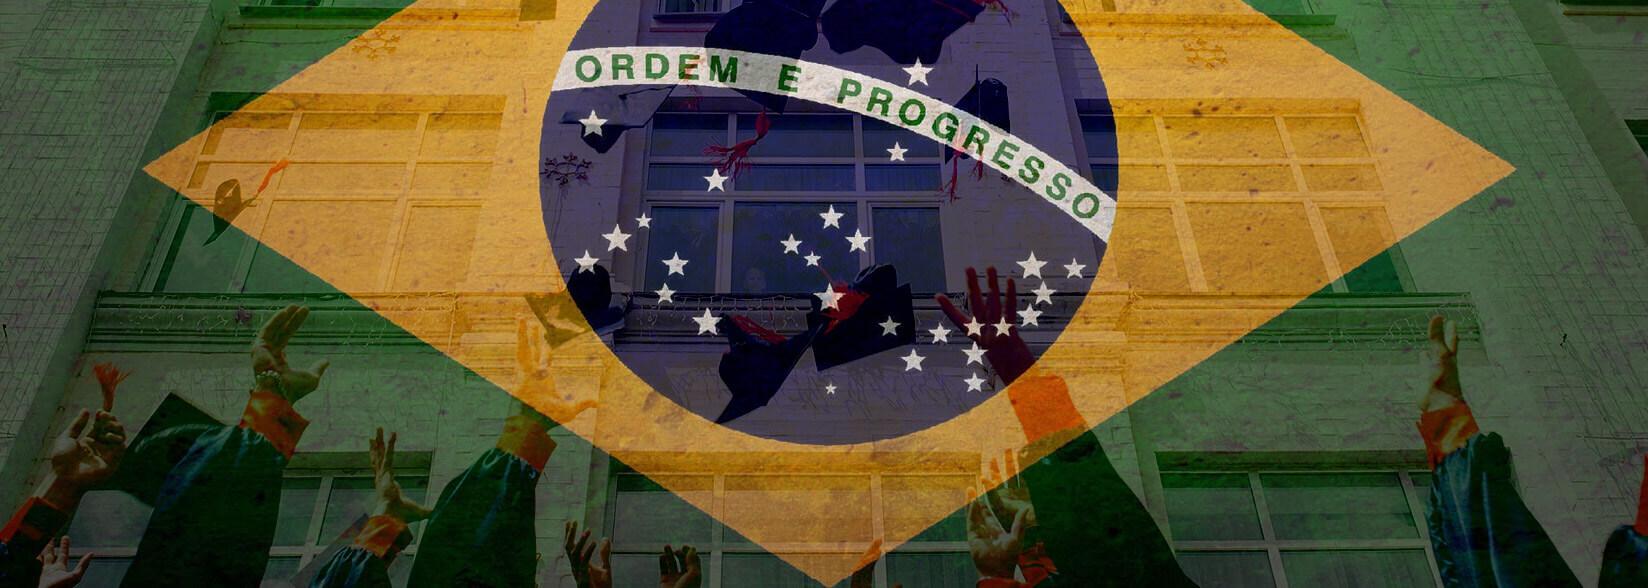 vc koji ulažu u kriptovalute brazil kako ljudi ulažu u digitalnu valutu